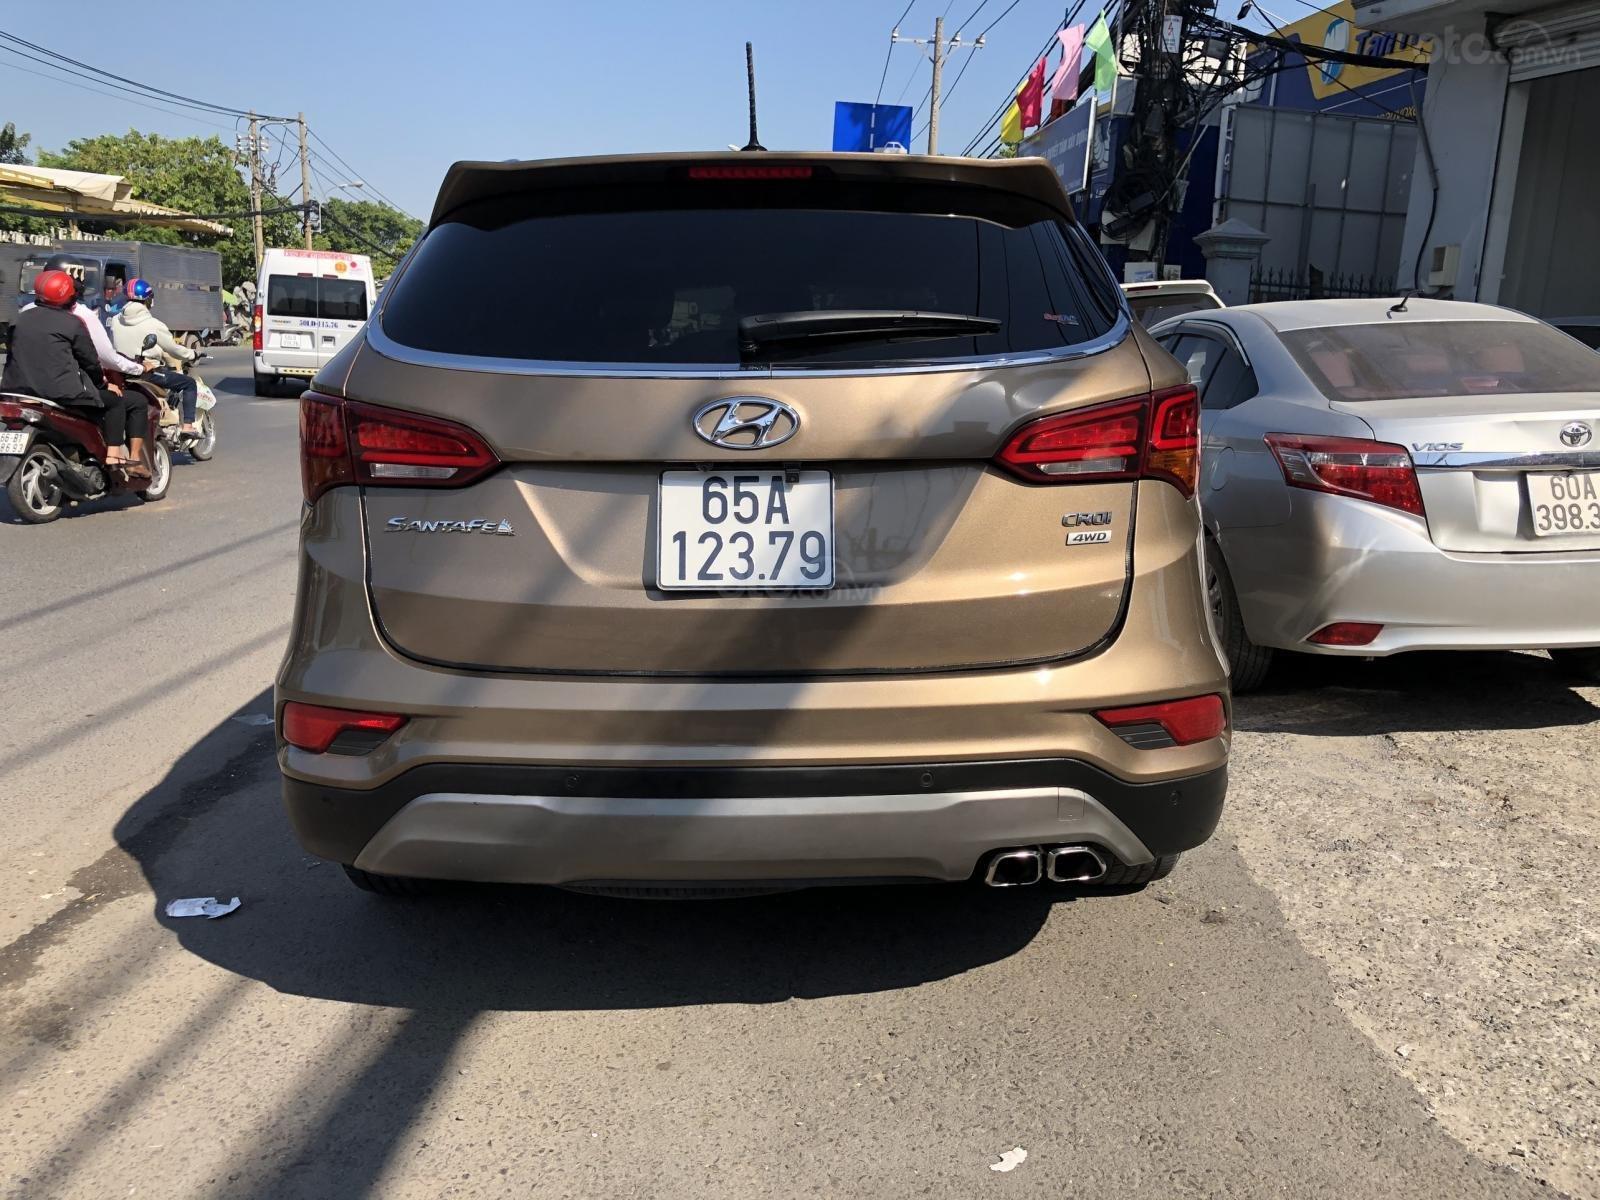 Bán Hyundai Santa Fe 2.2 4WD năm sản xuất 2016, màu nâu, trả góp (6)